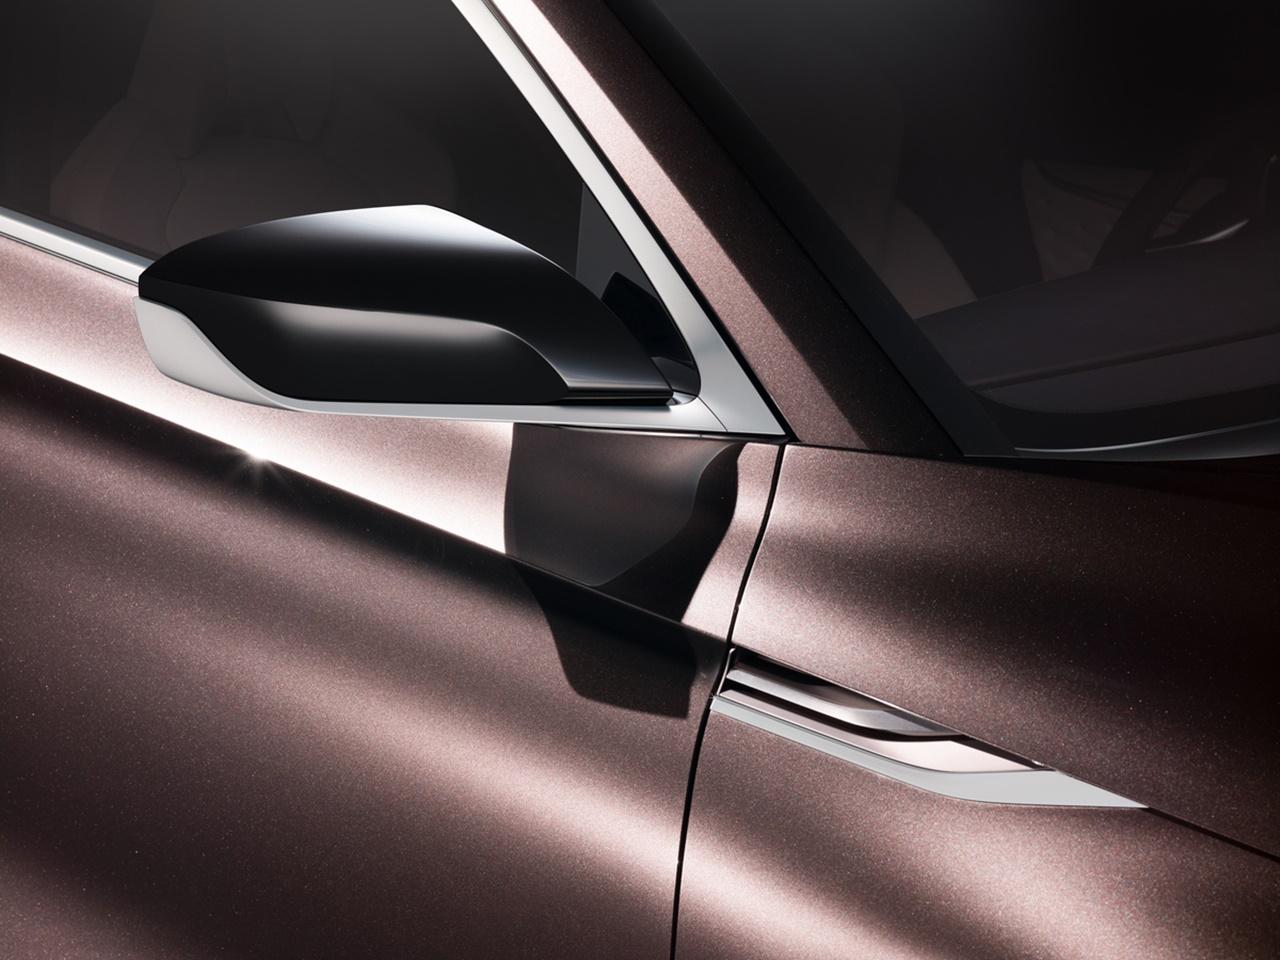 【デトロイトショー2017】日産が「インフィニティQX50コンセプト」を世界初披露 - infinitis-qx50-concept011